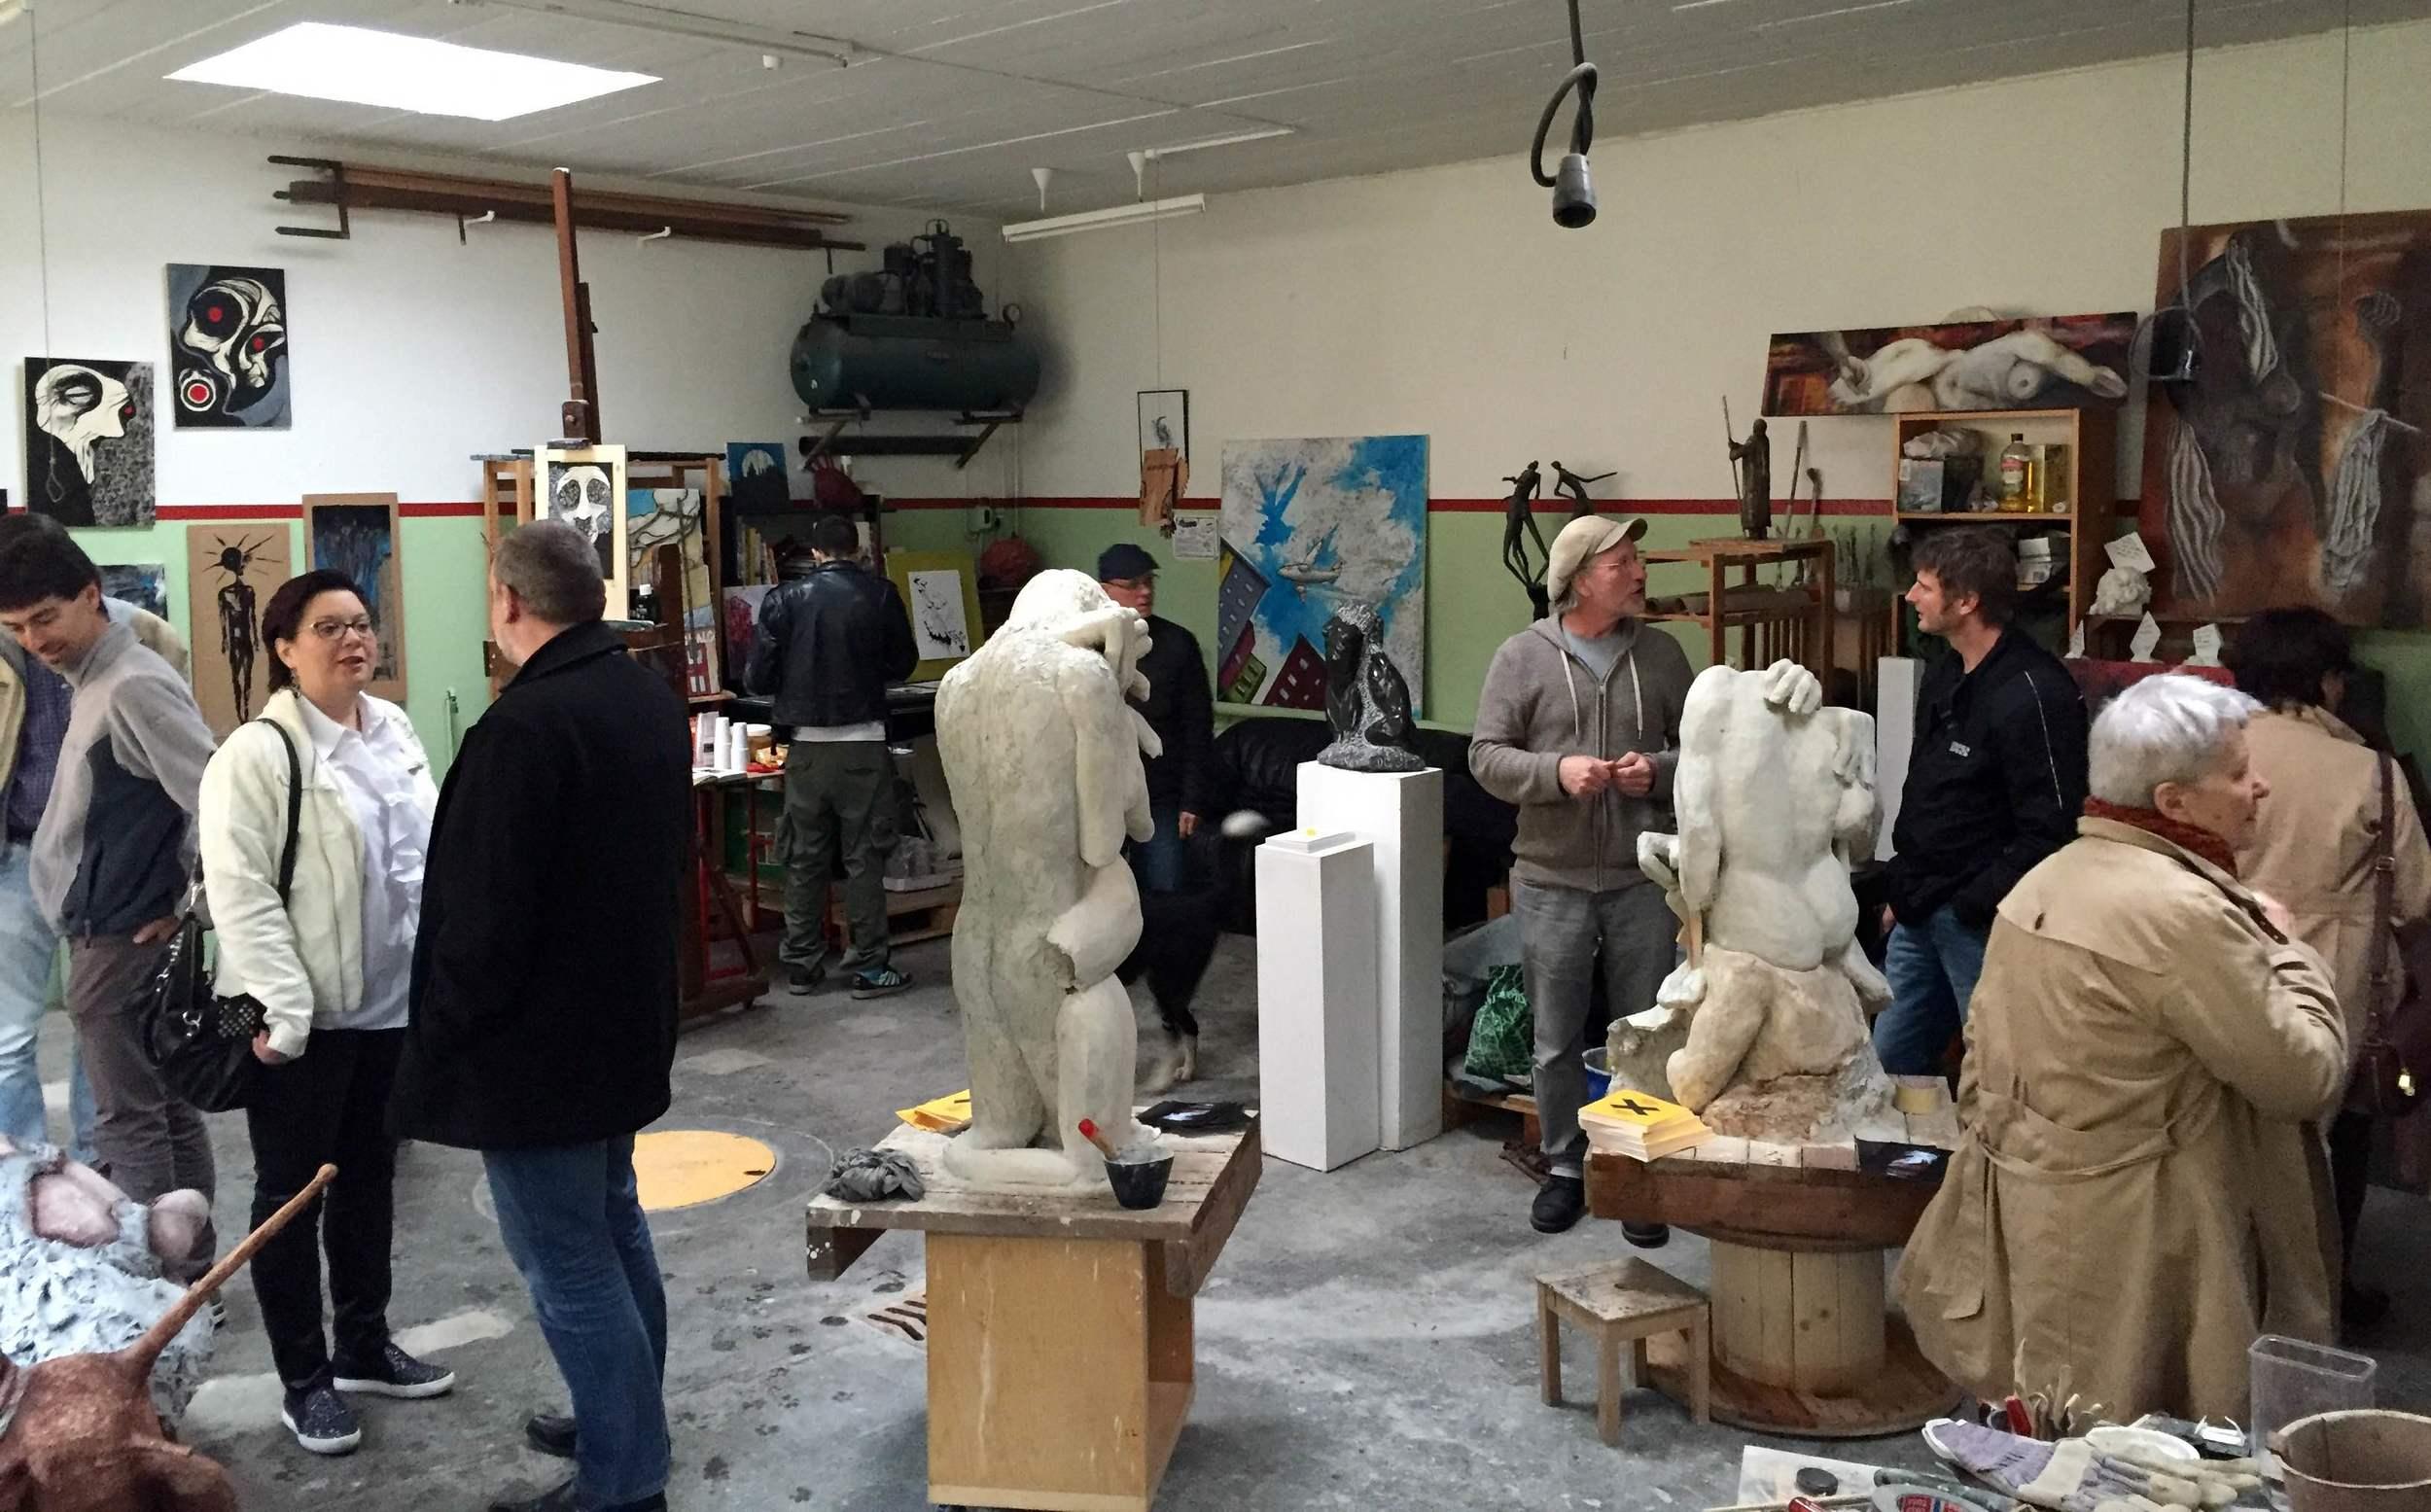 Vue d'ensemble de l'atelier. Sculptures et tableaux sur la droite par Didier Guex (l'homme à la casquette).